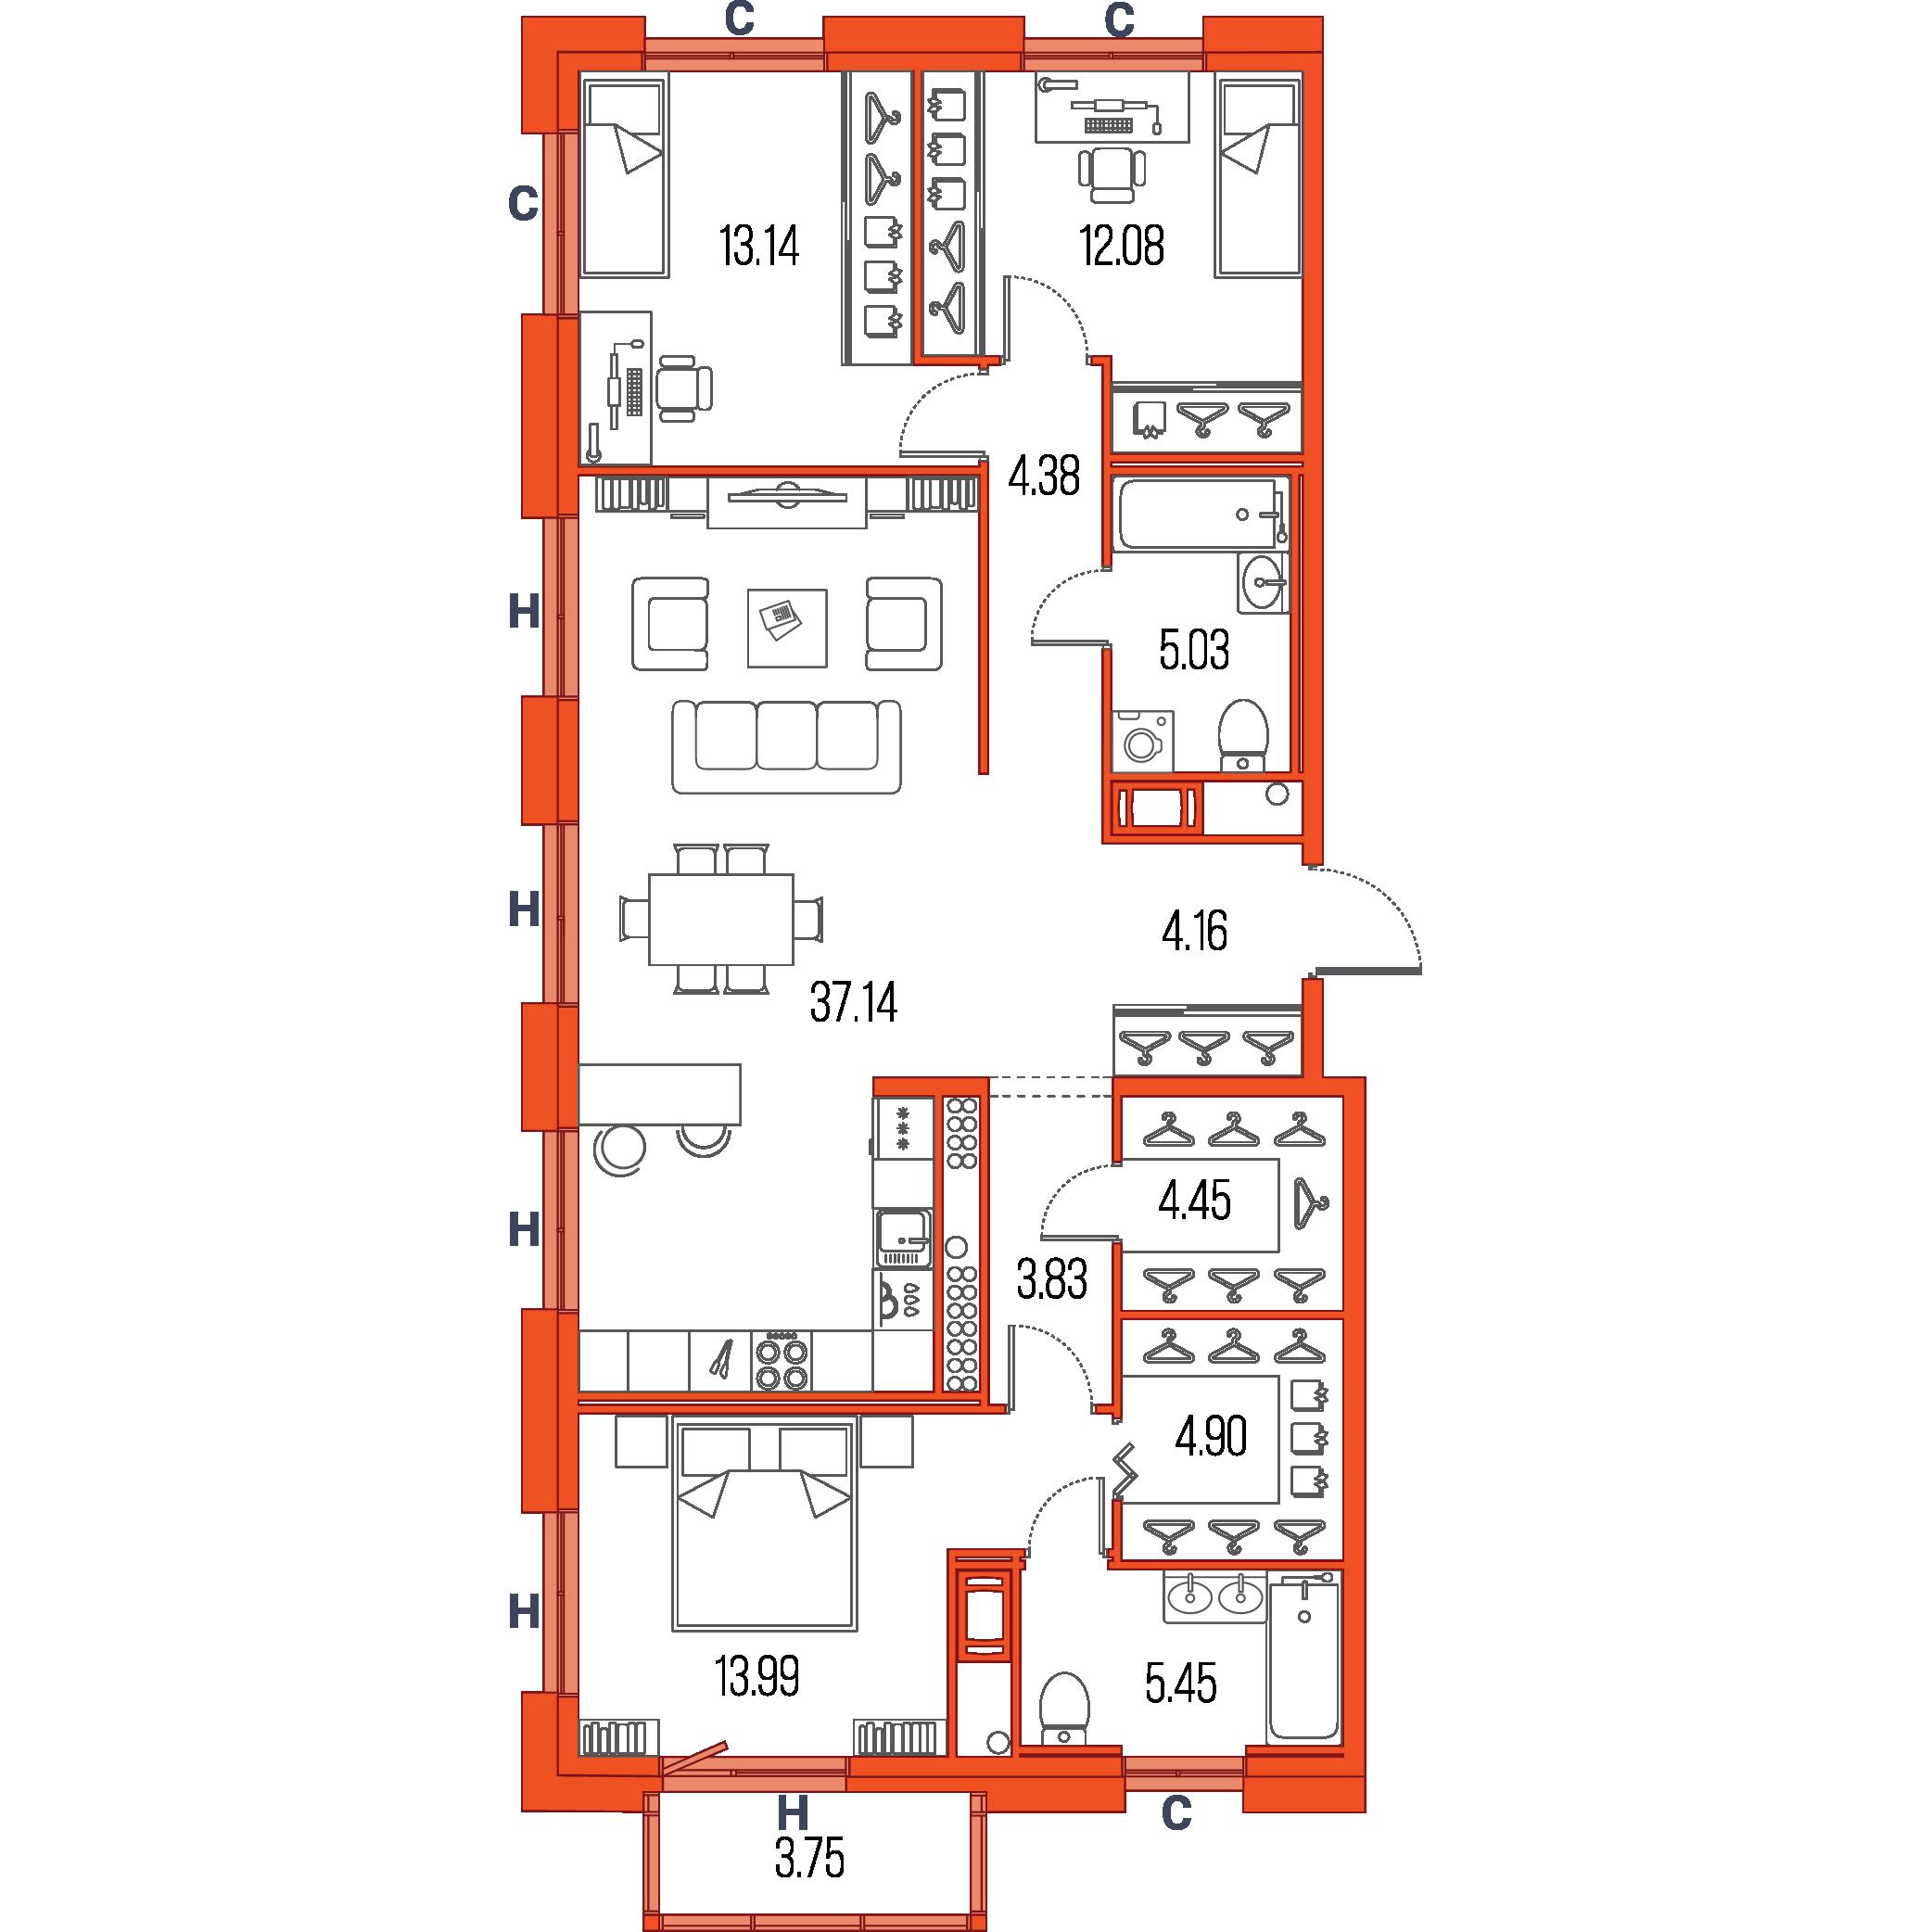 3-комнатная квартира №33 в: ЖК Легенда героев: 108.2 м²; этаж: 2 - купить в Санкт-Петербурге